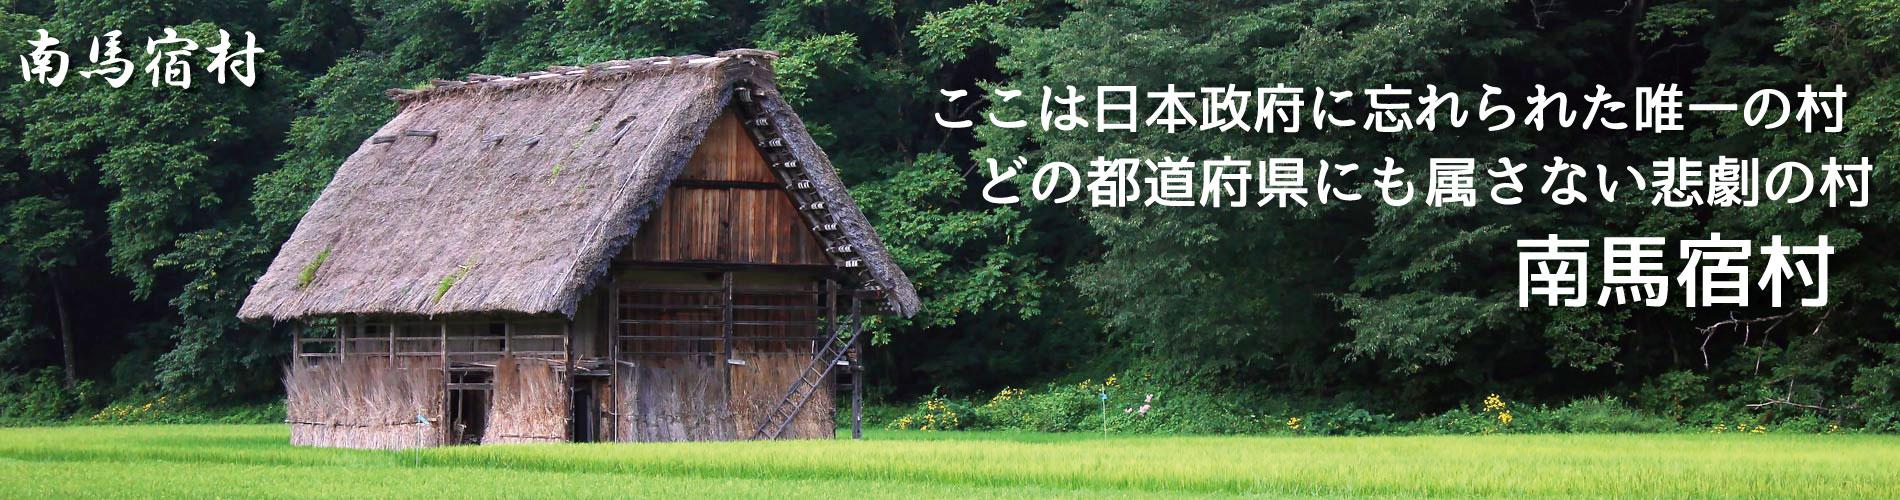 南馬宿村役場|秋田県